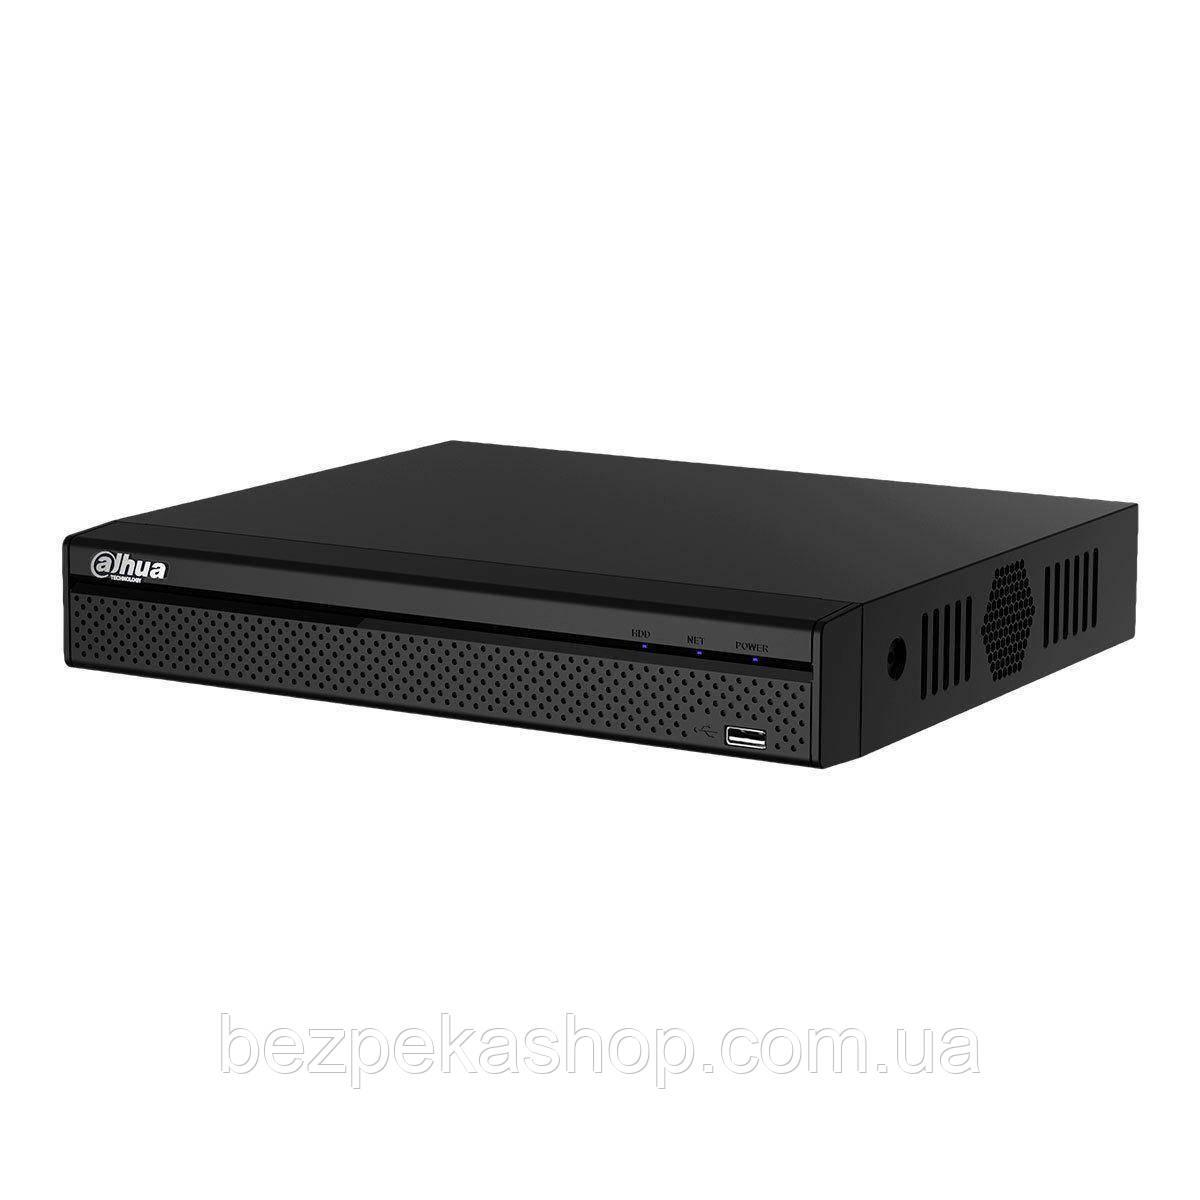 Dahua DH-XVR5116H-I мультиформатный видеорегистратор 16-канальный